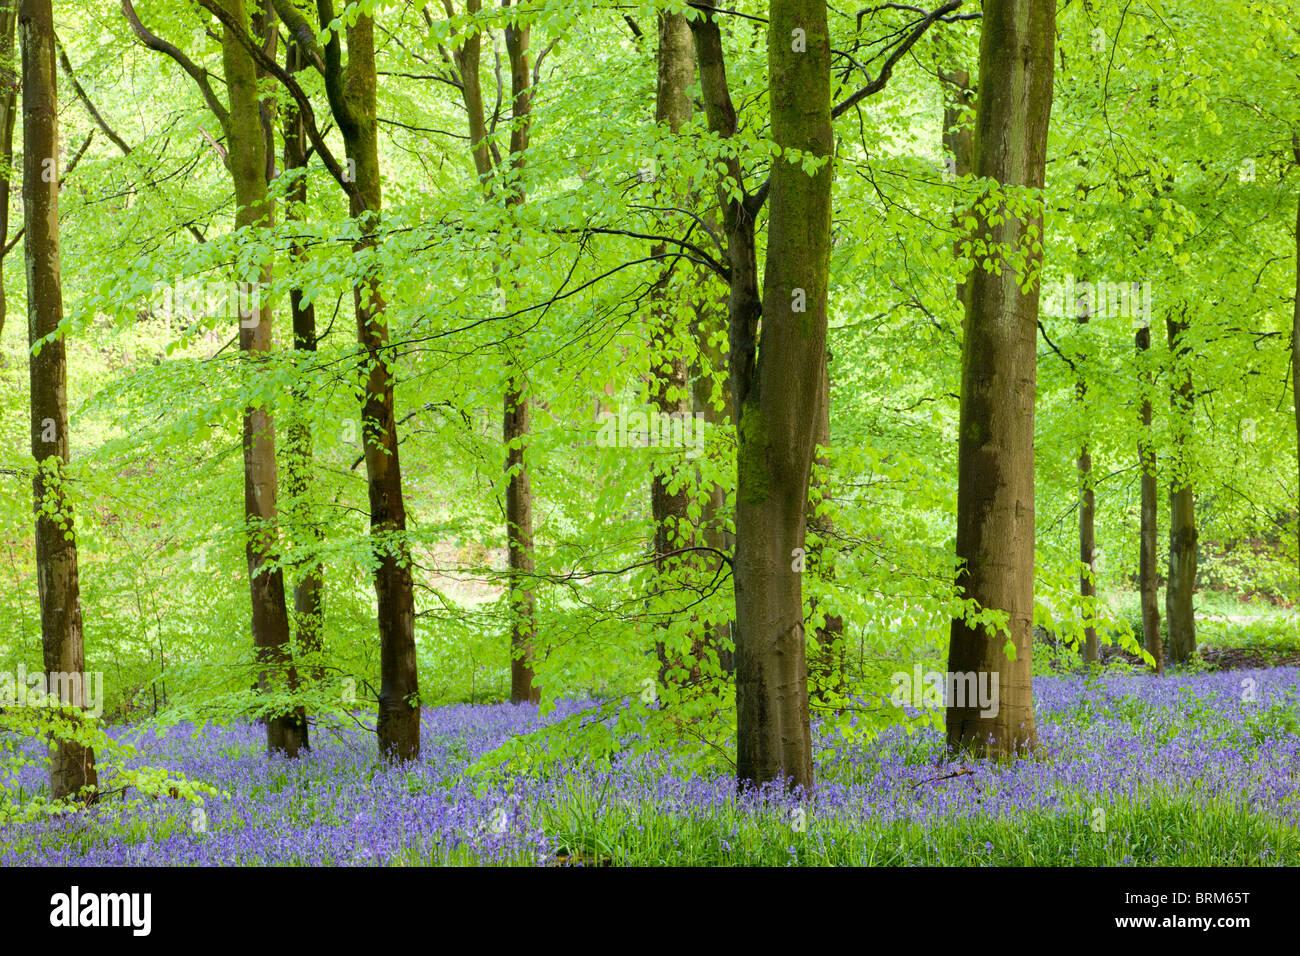 Bluebells commun (Hyacinthoides non-scripta) floraison dans un bois de hêtre, bois de l'Ouest, Lockeridge, Photo Stock